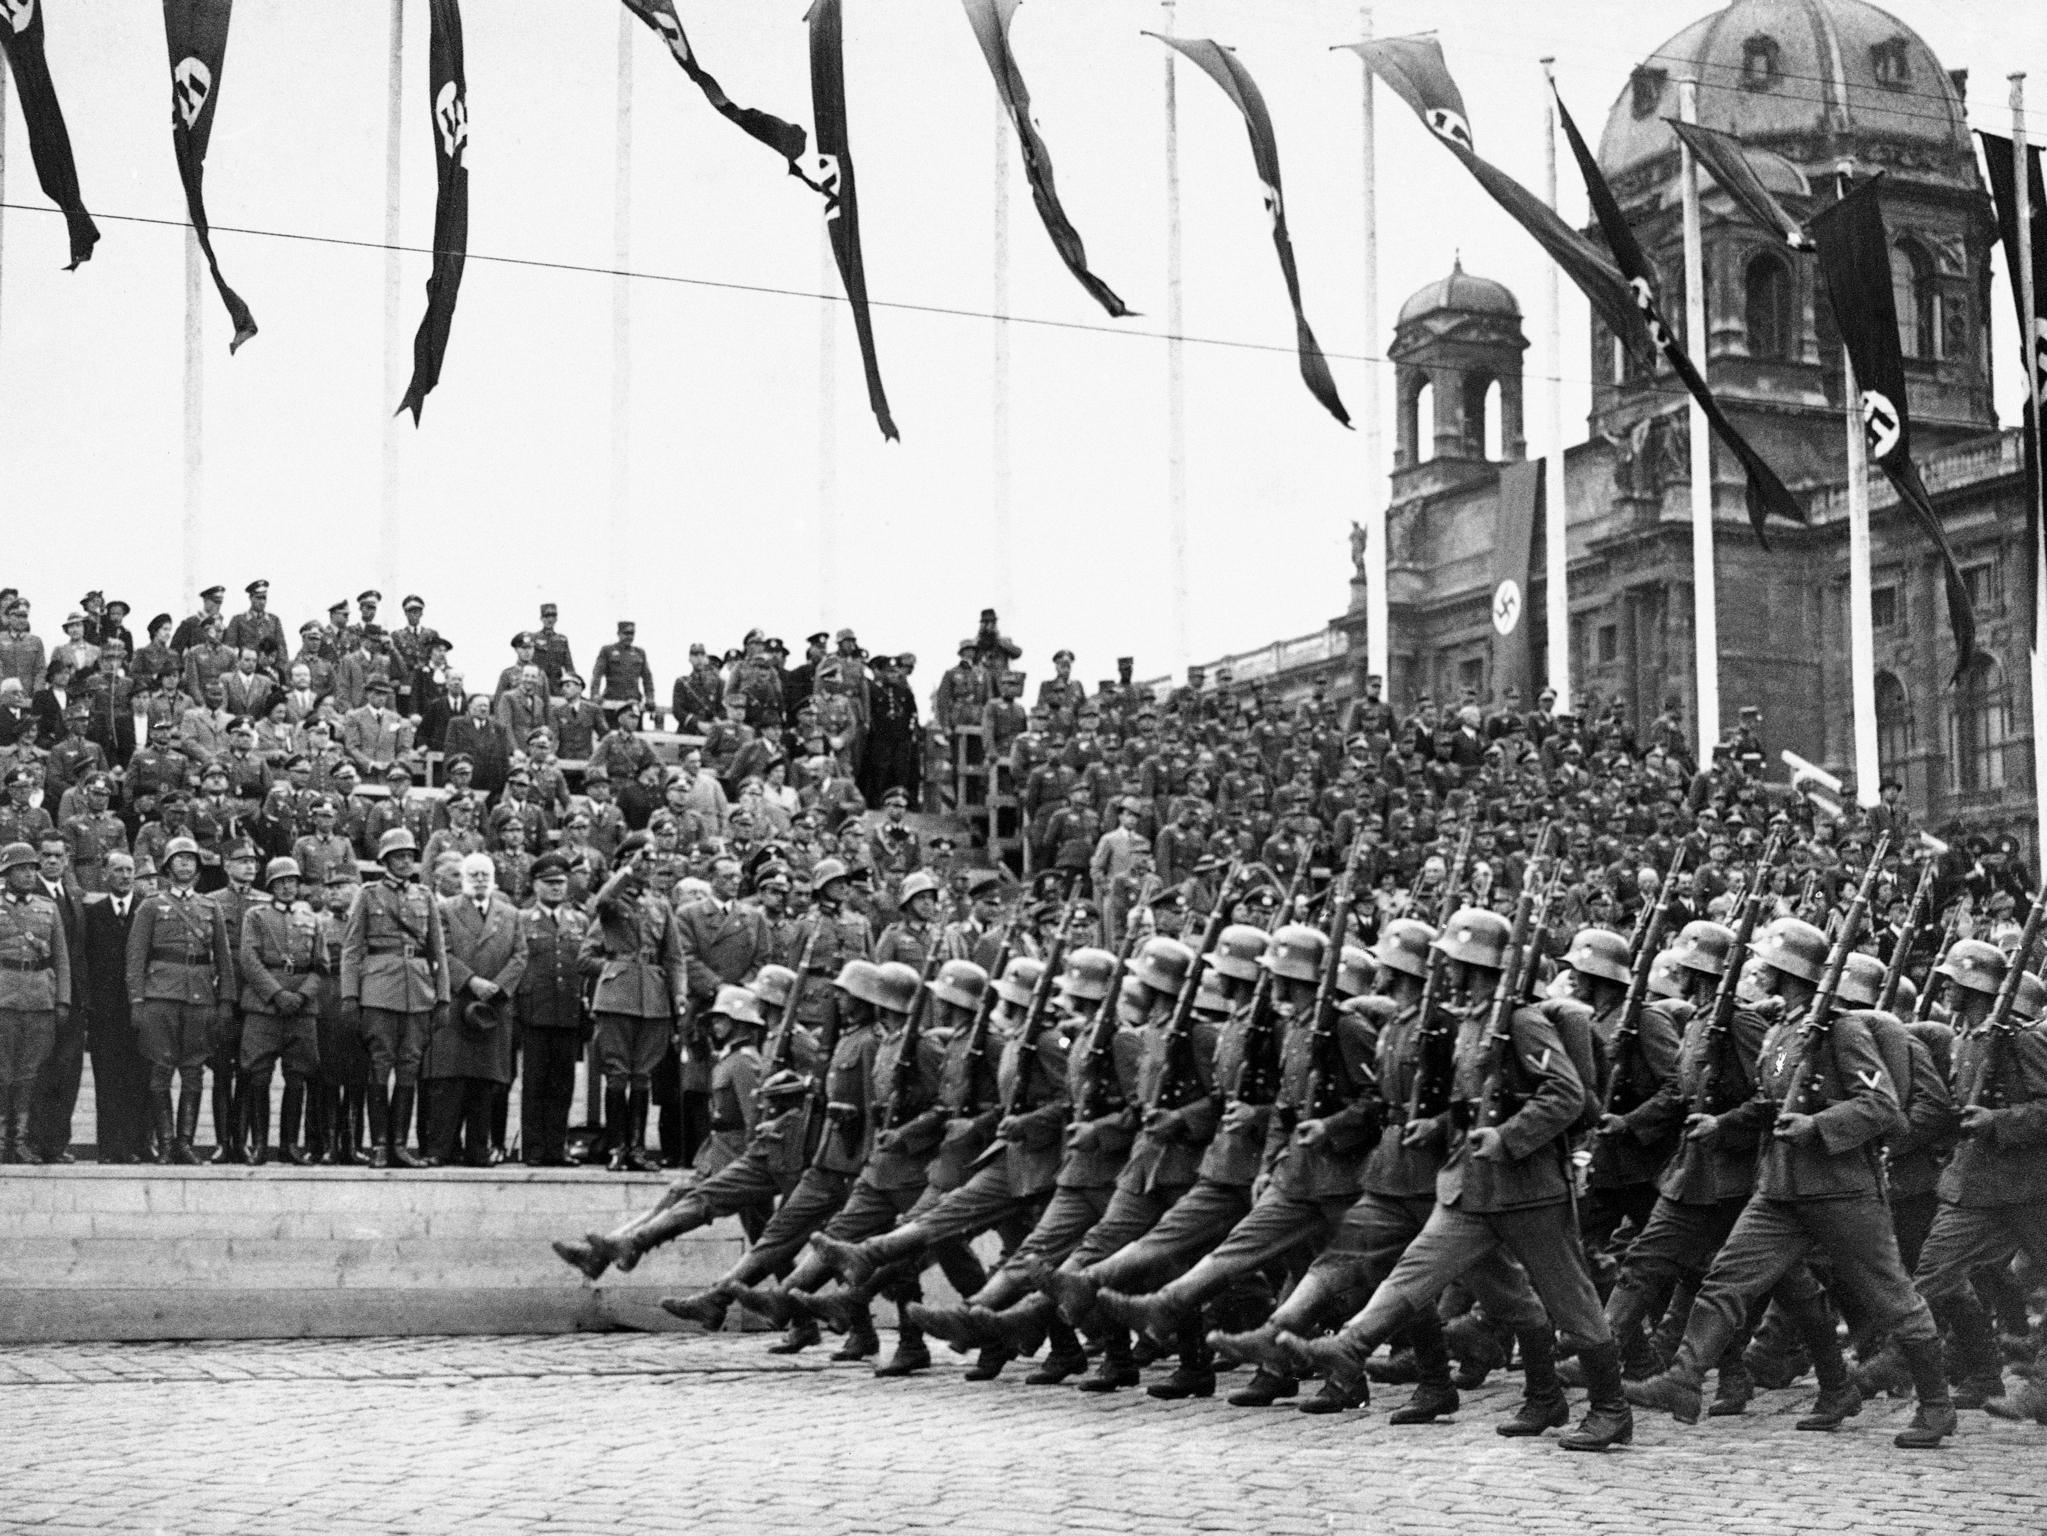 제 2차 세계대전 당시인 1938년 3월 24일 독일군이 오스트리아를 나치 독일에 병합한 직후 수도 빈에 도착하는 모습. [AP=연합뉴스]